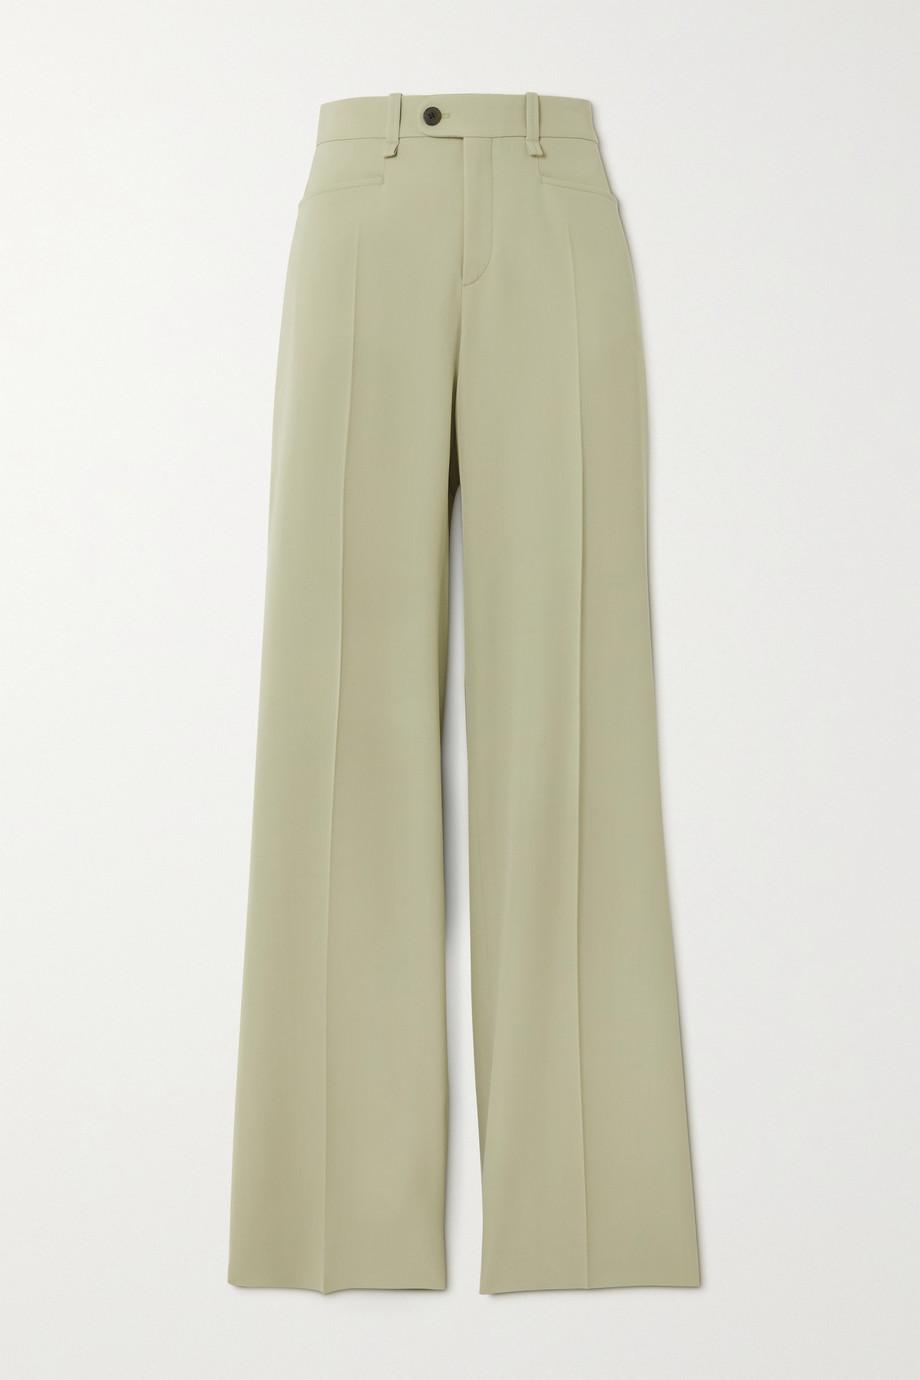 Chloé Pantalon large en laine